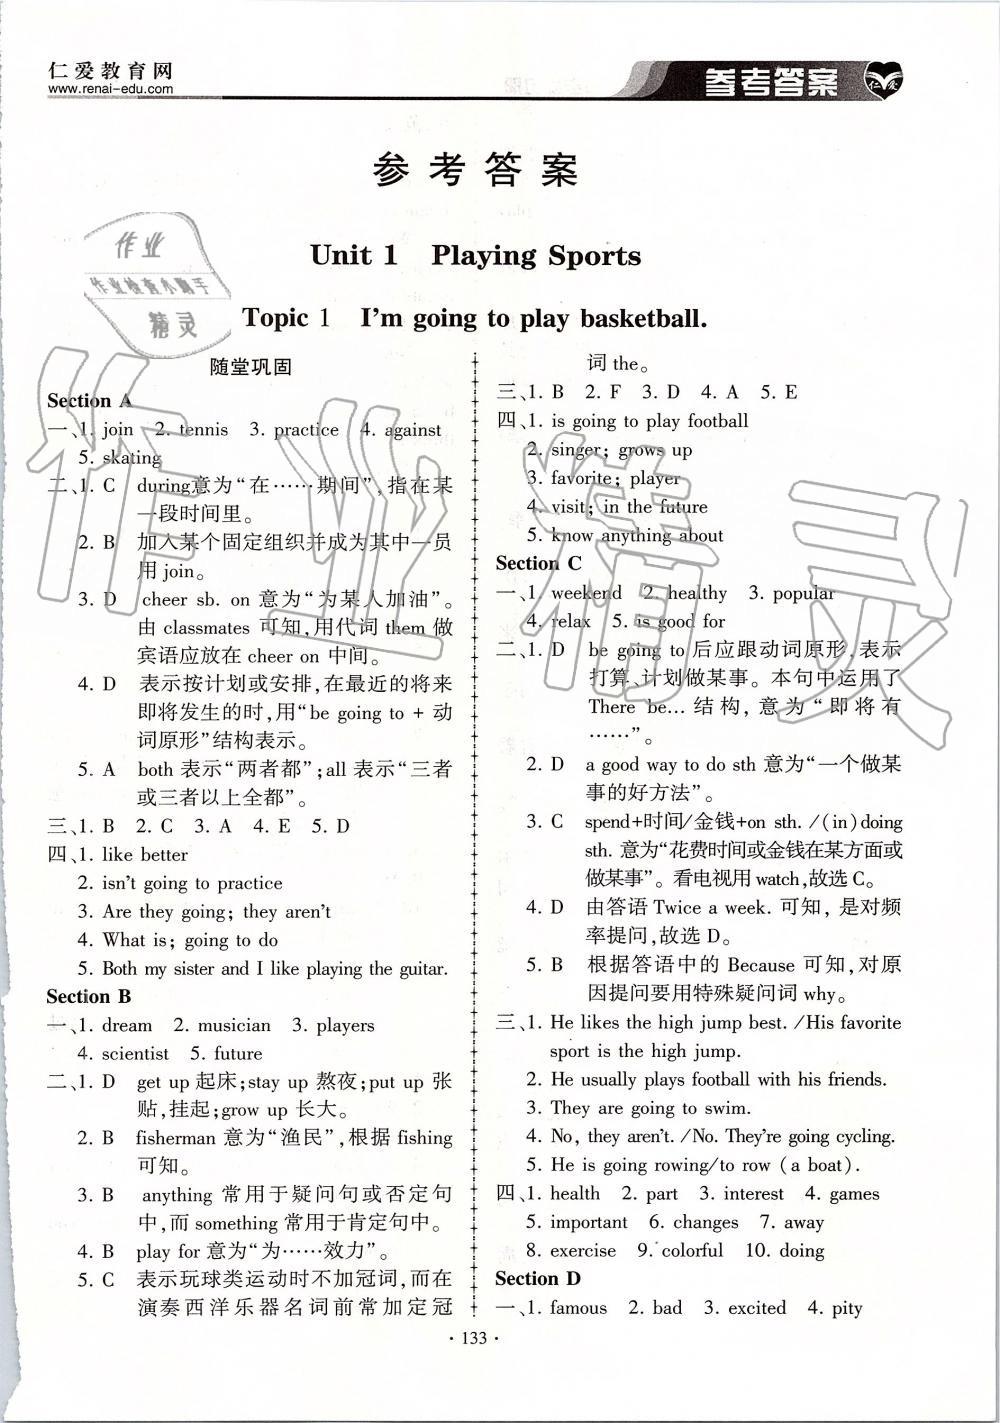 2019年仁爱英语同步练习册八年级上册仁爱版第1页